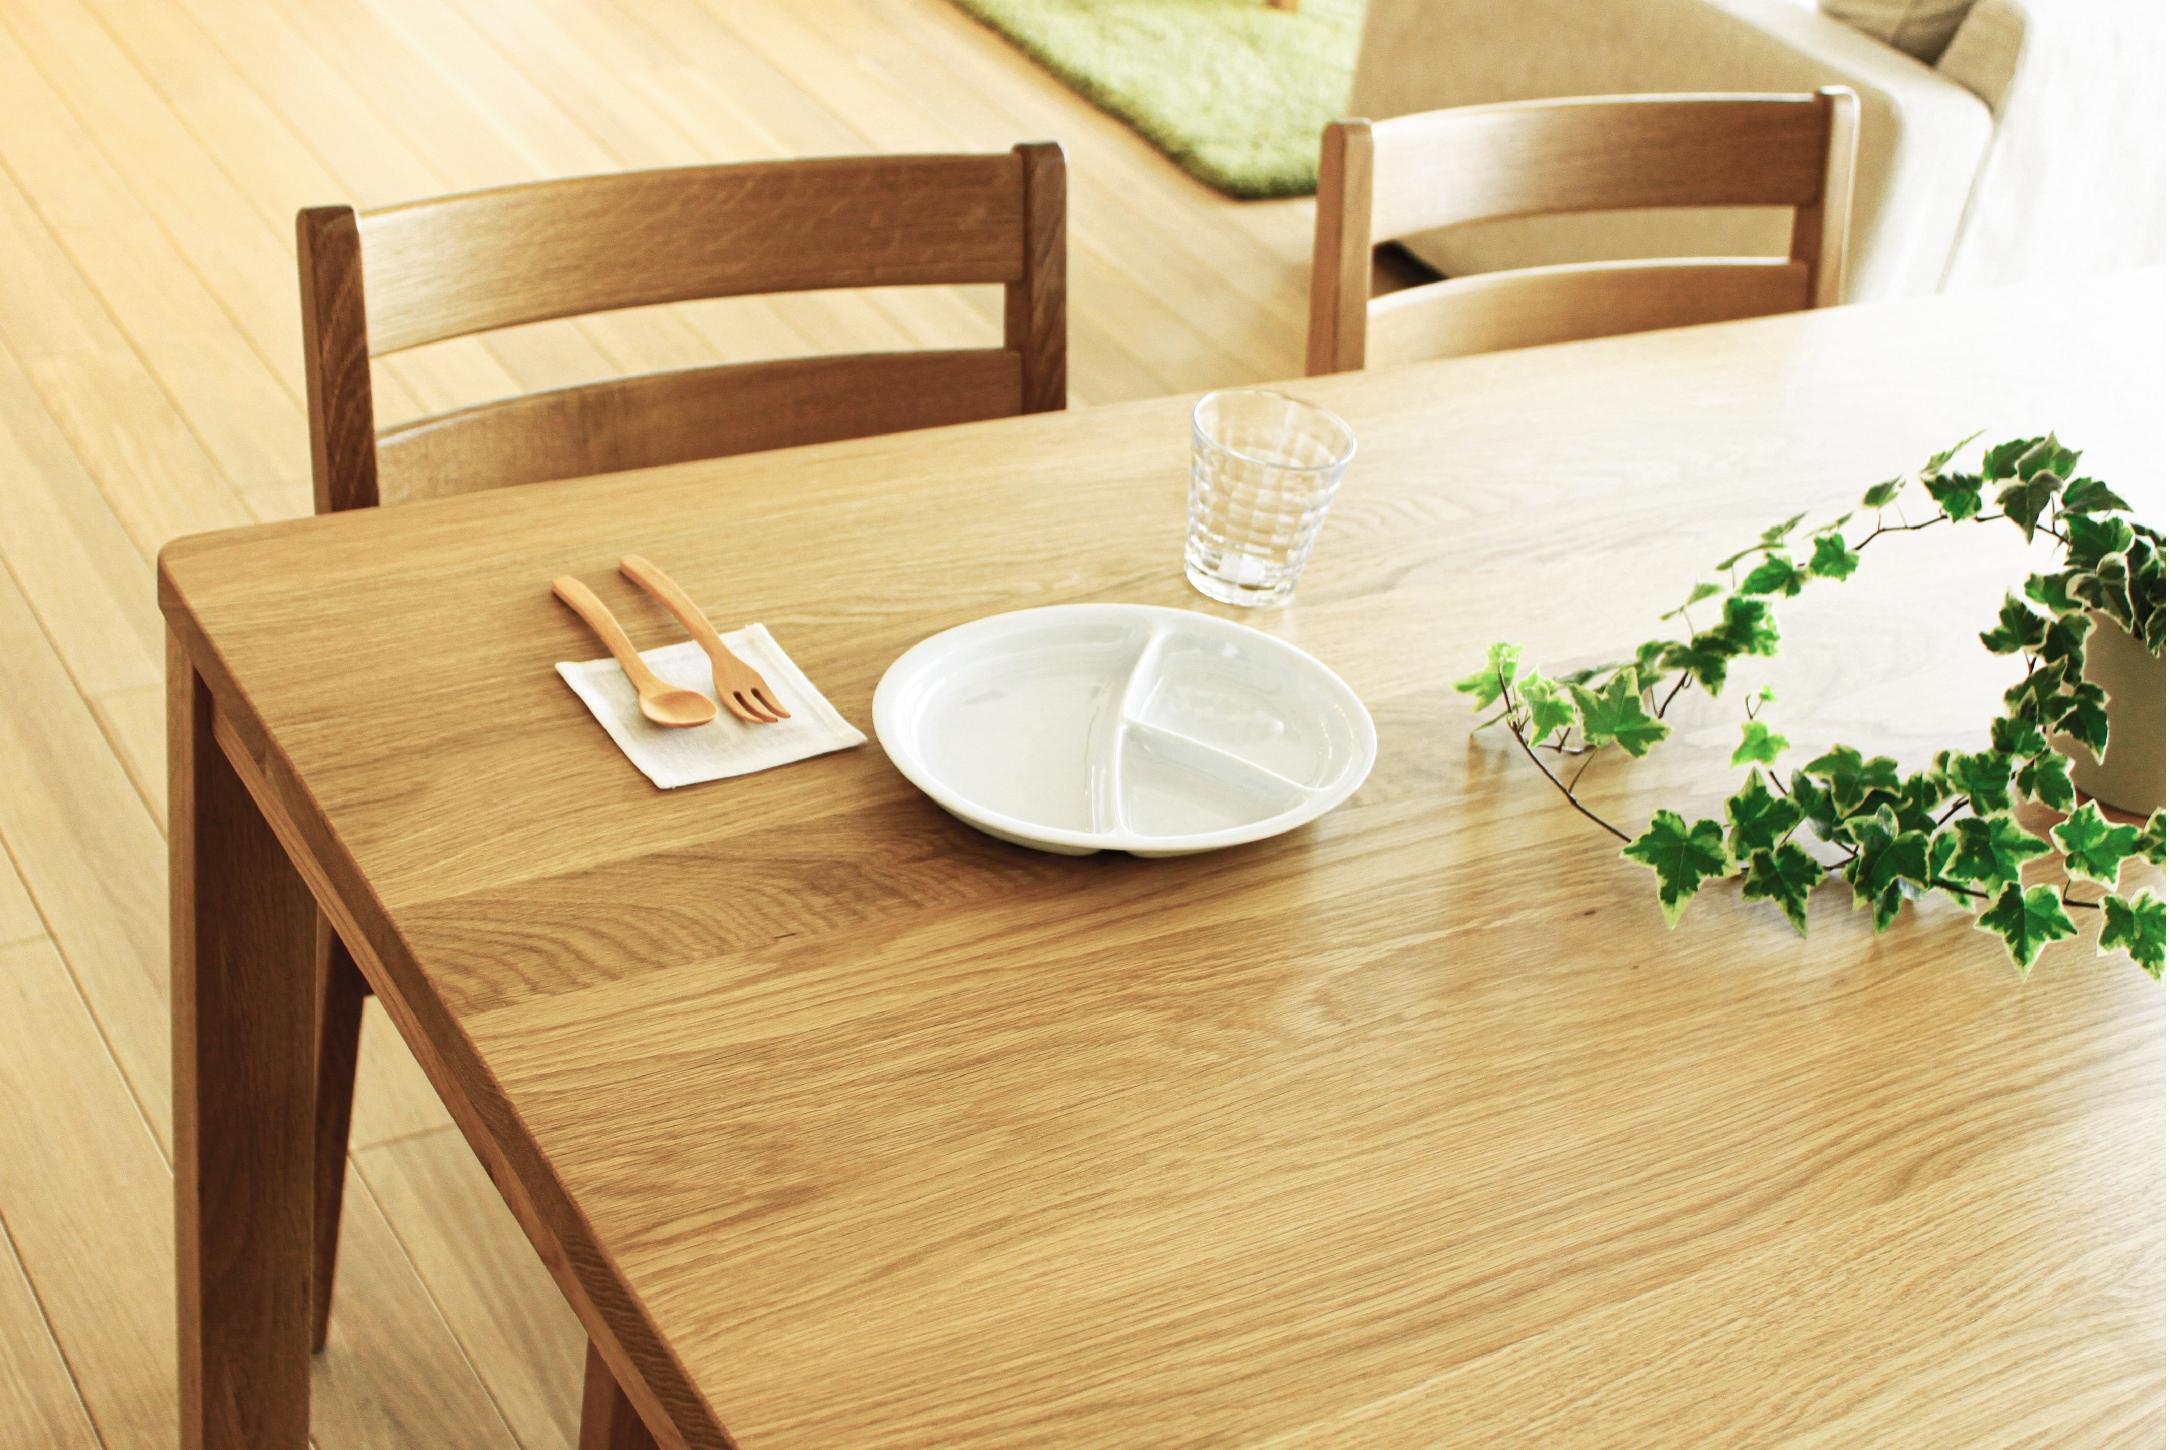 ホワイトオークのダイニングテーブル